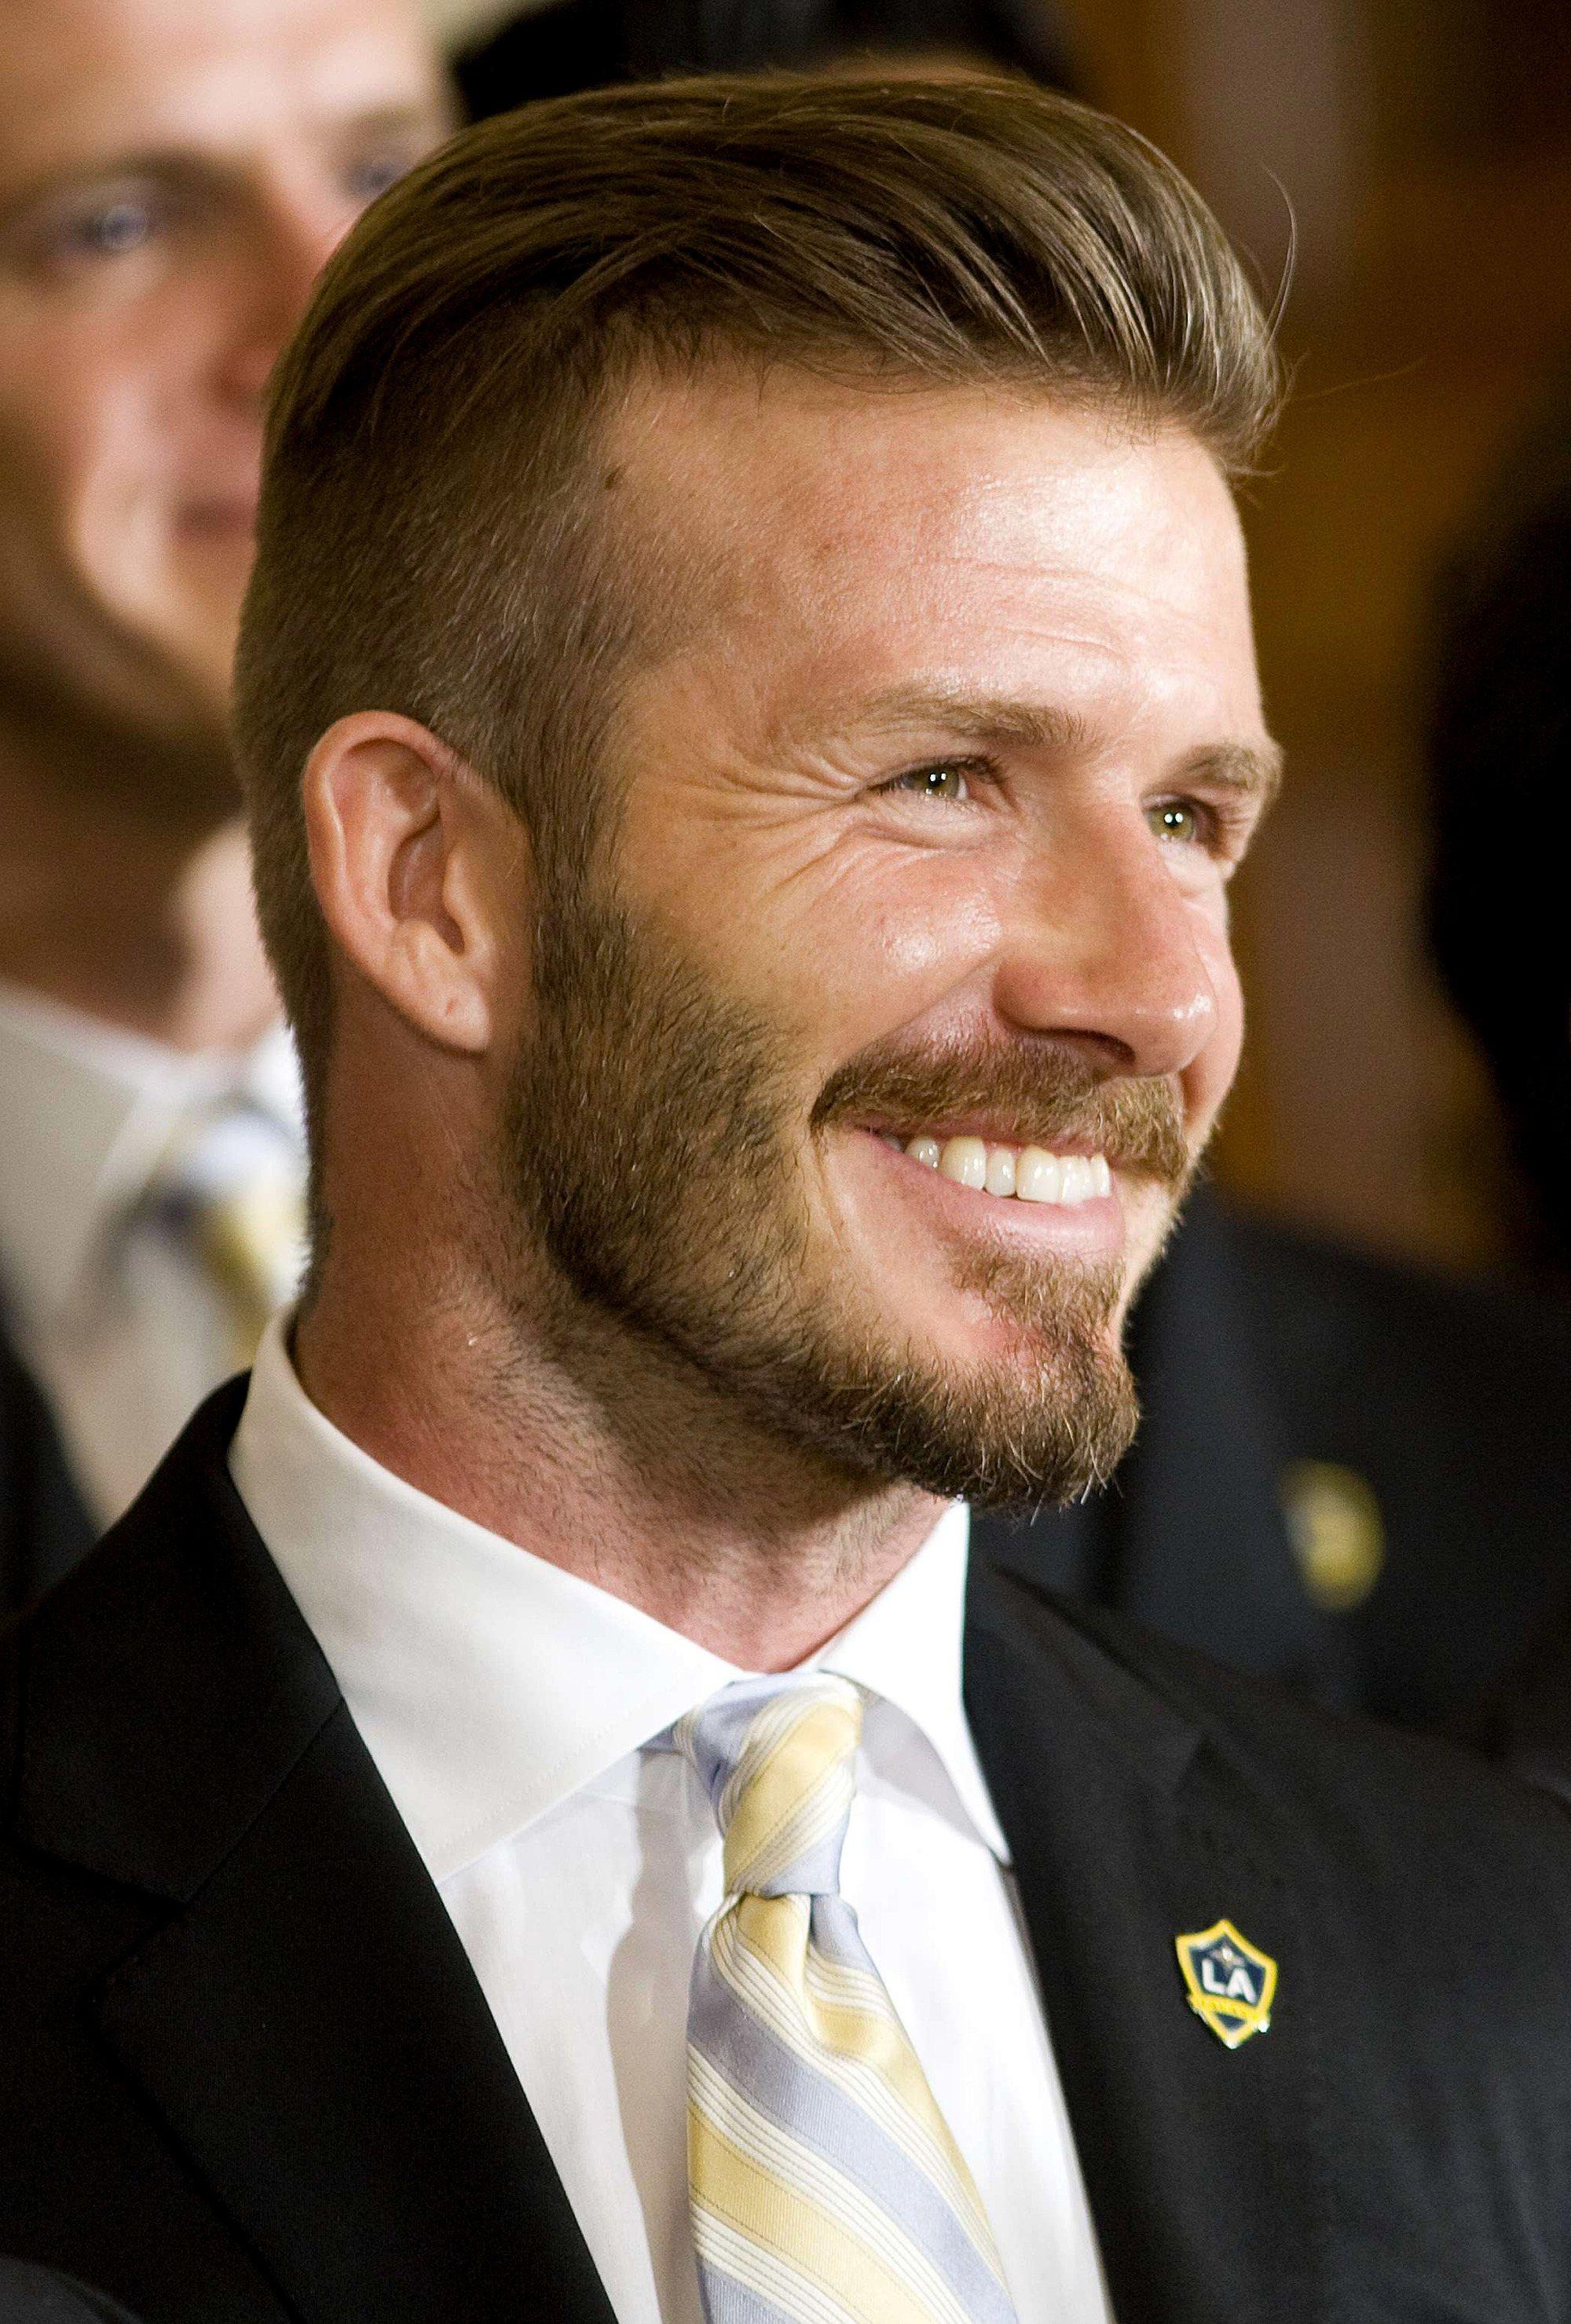 David Beckham avec des cheveux balayés en arrière avec une sous-coupe et une barbe.